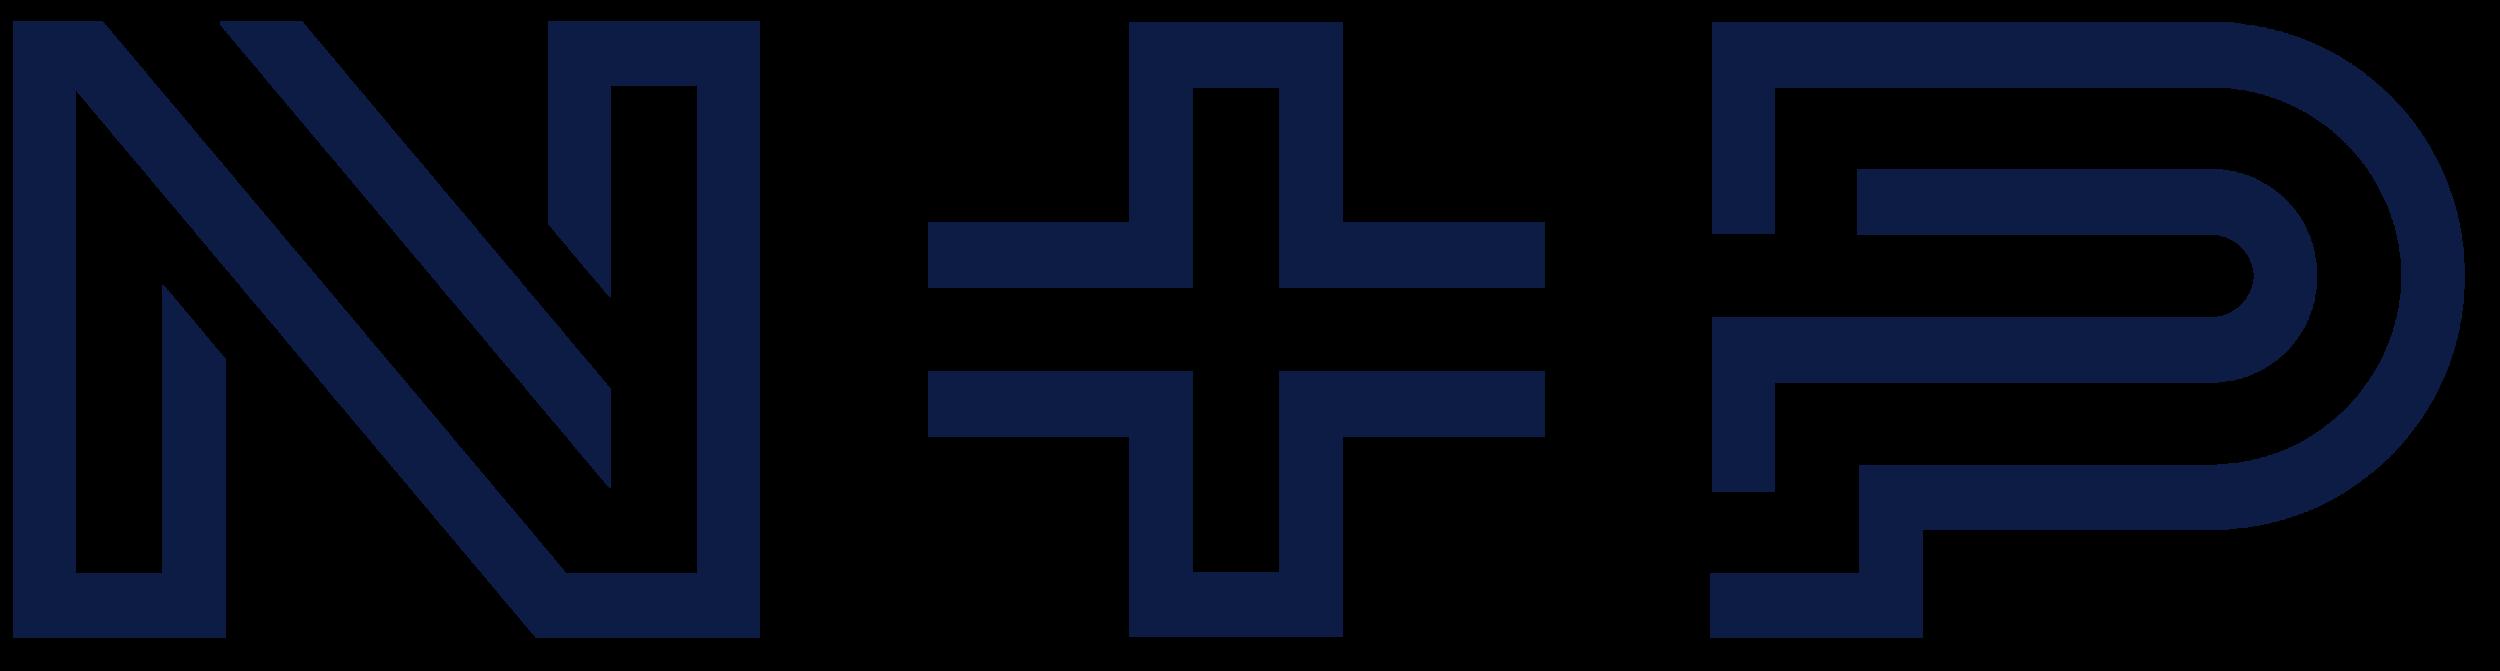 N+P-BLUE-RGB.png